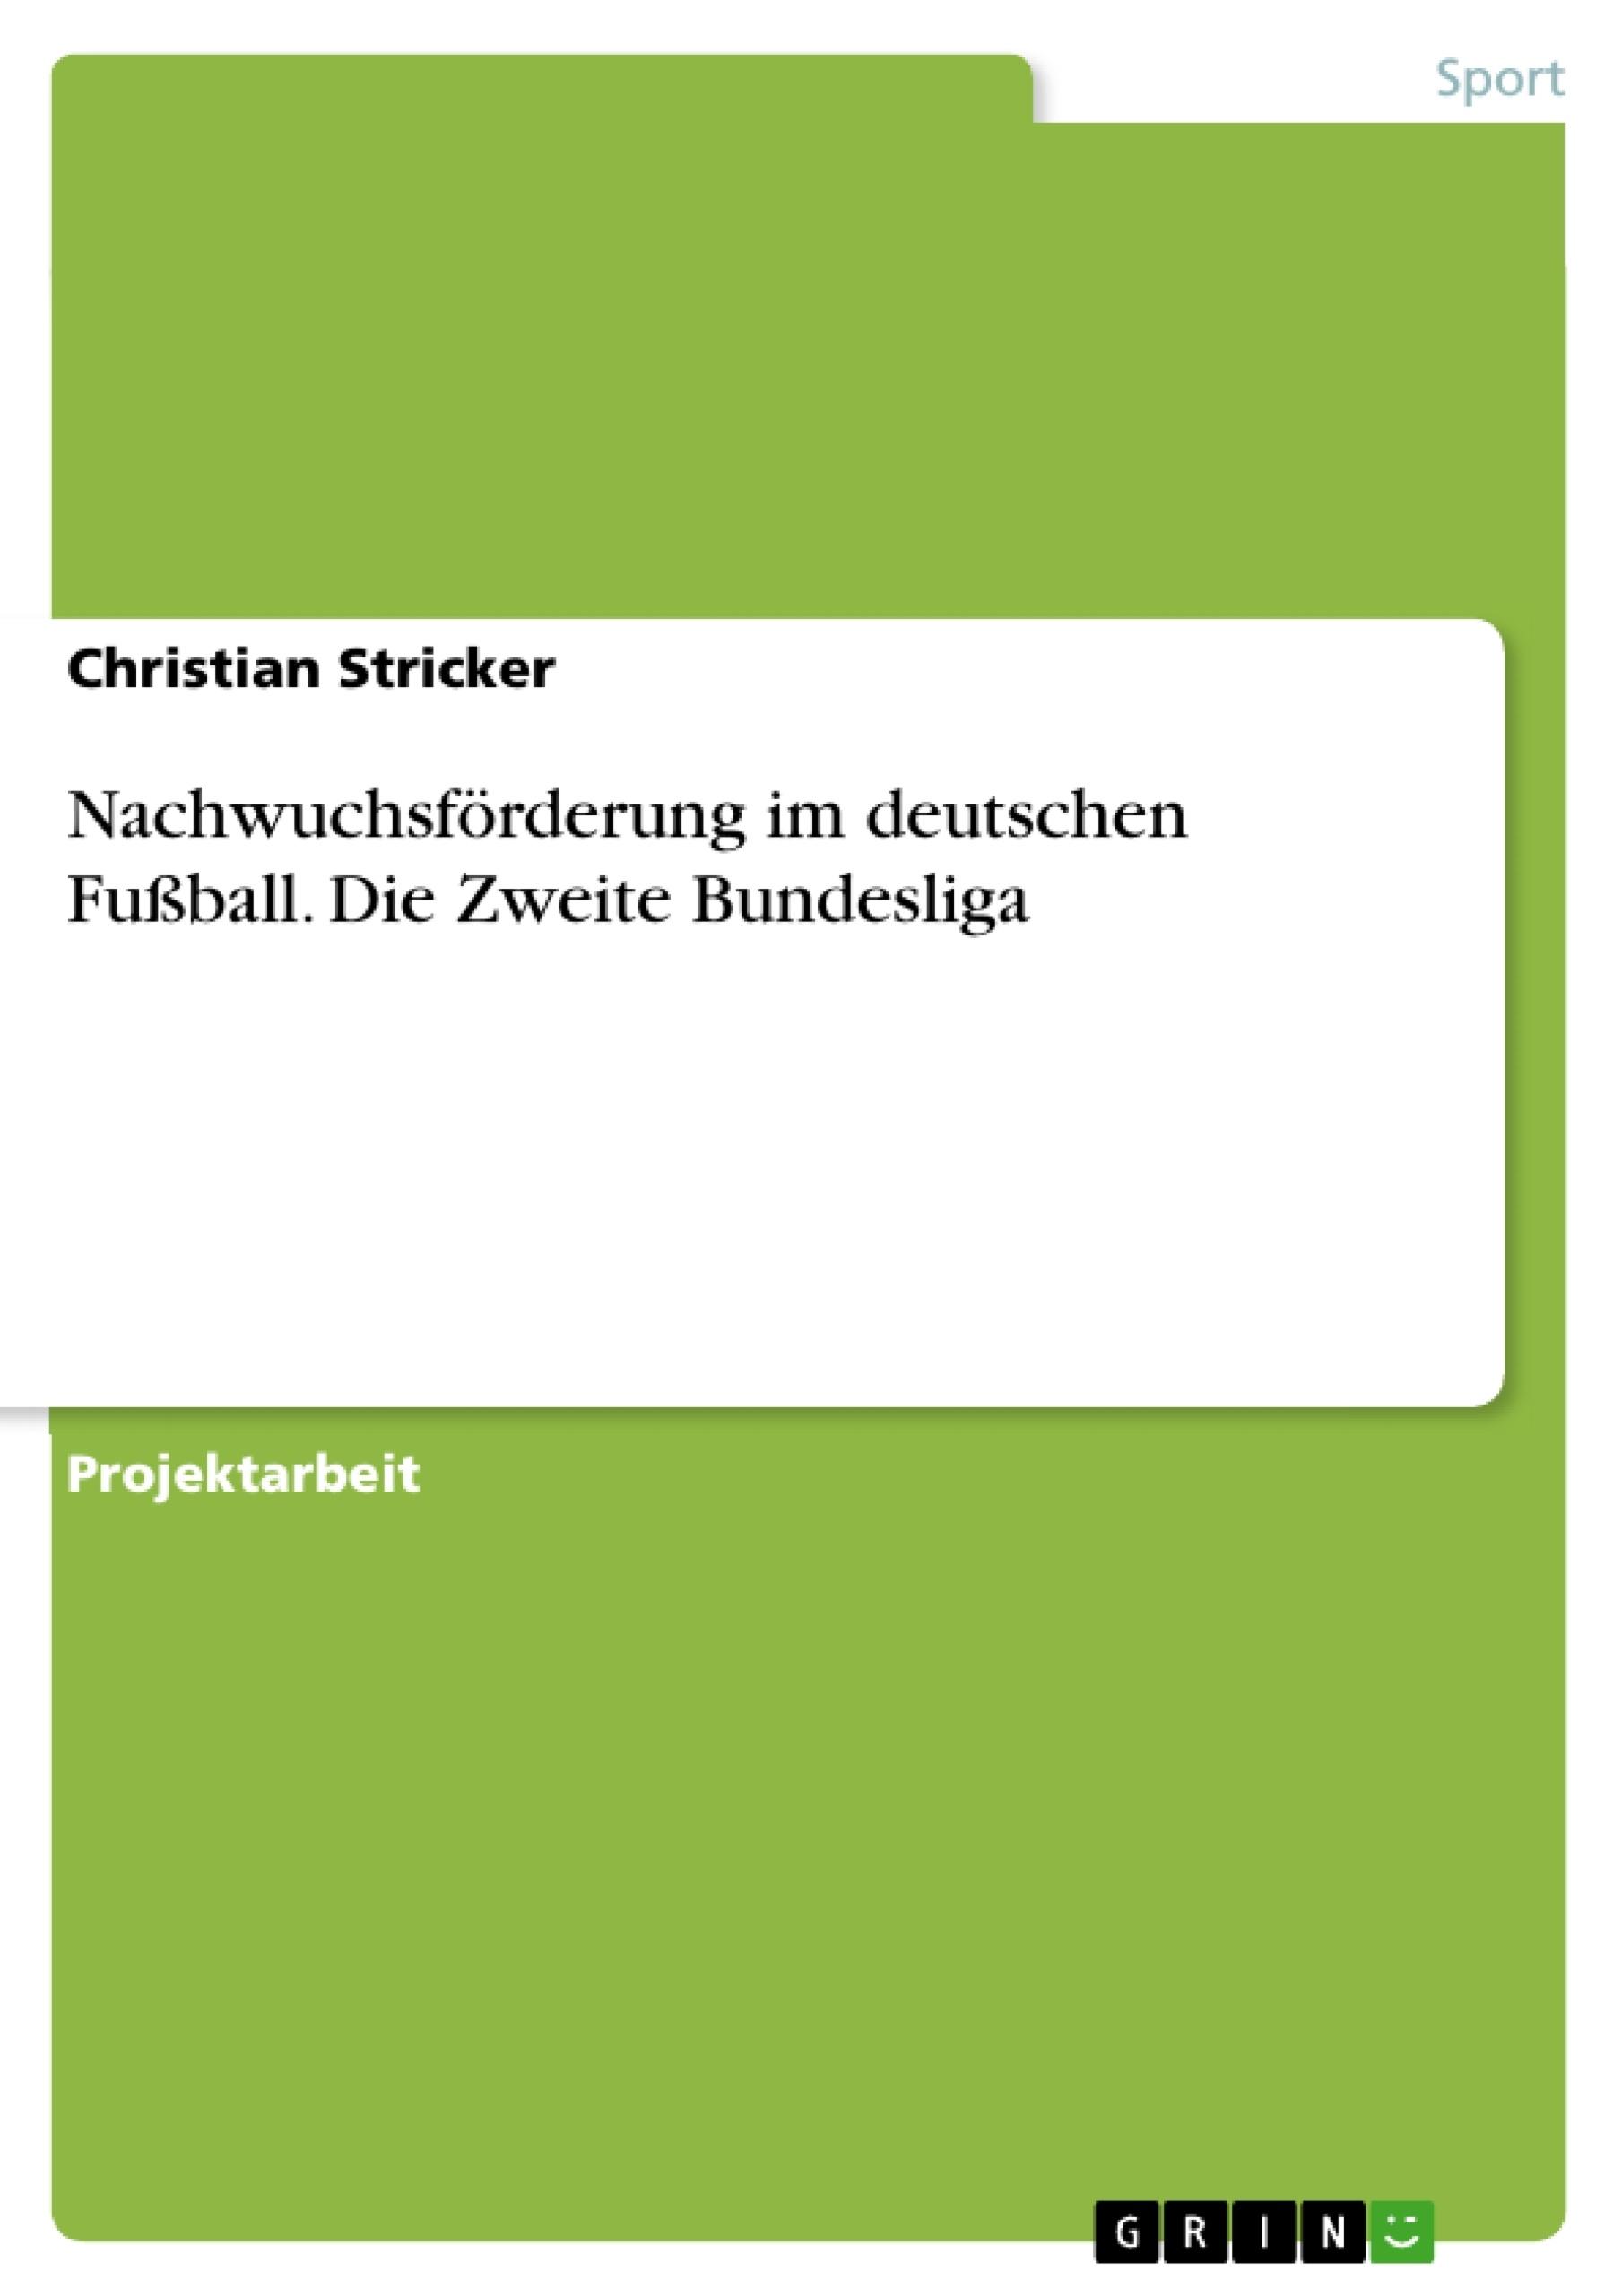 Titel: Nachwuchsförderung im deutschen Fußball. Die Zweite Bundesliga